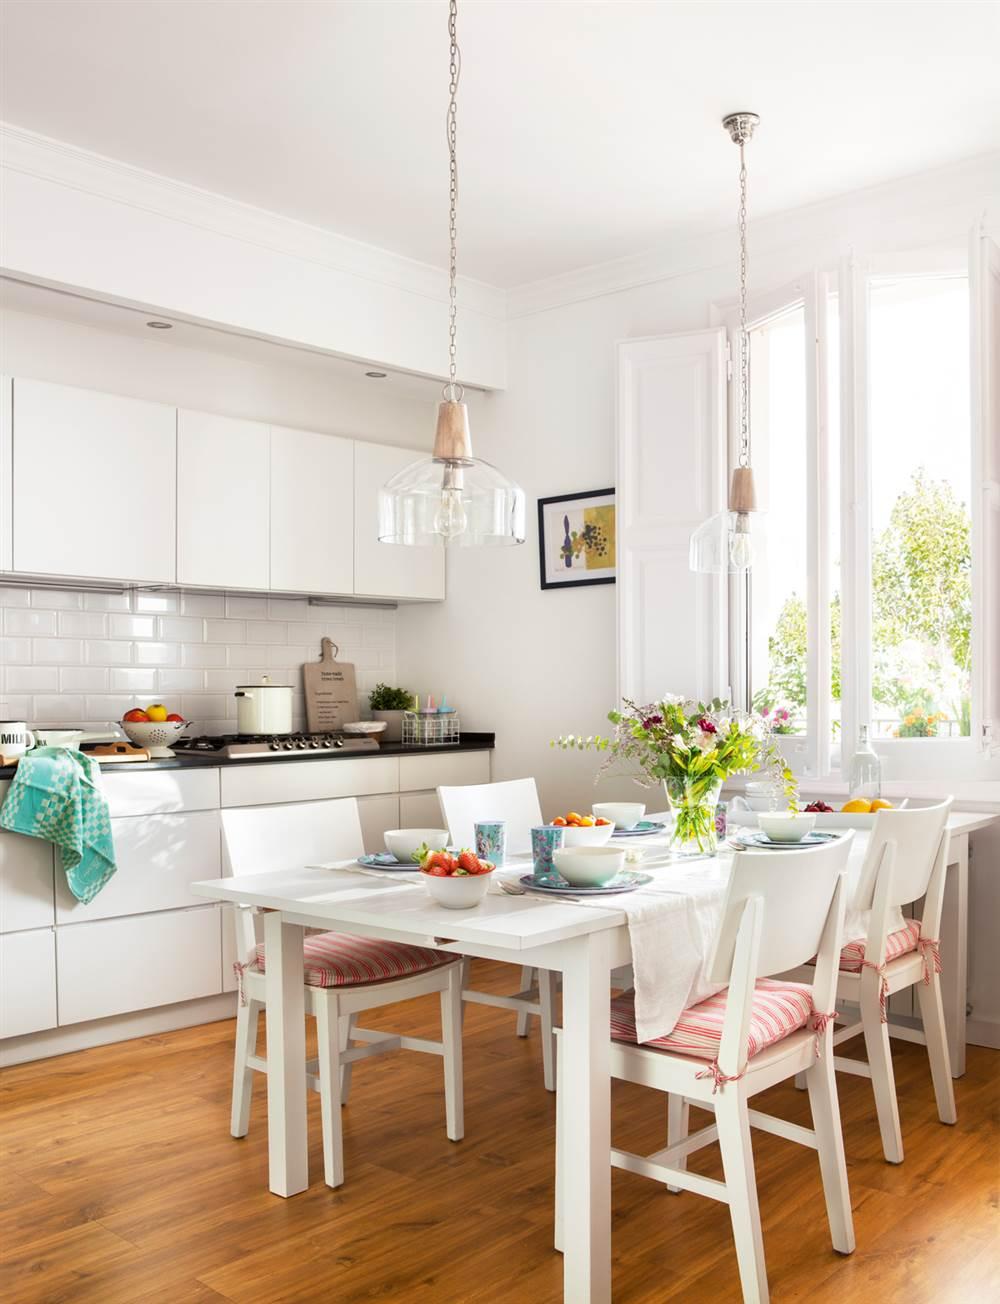 Reformar la cocina de low cost a presupuestos de 3000 euros for Cocinas low cost